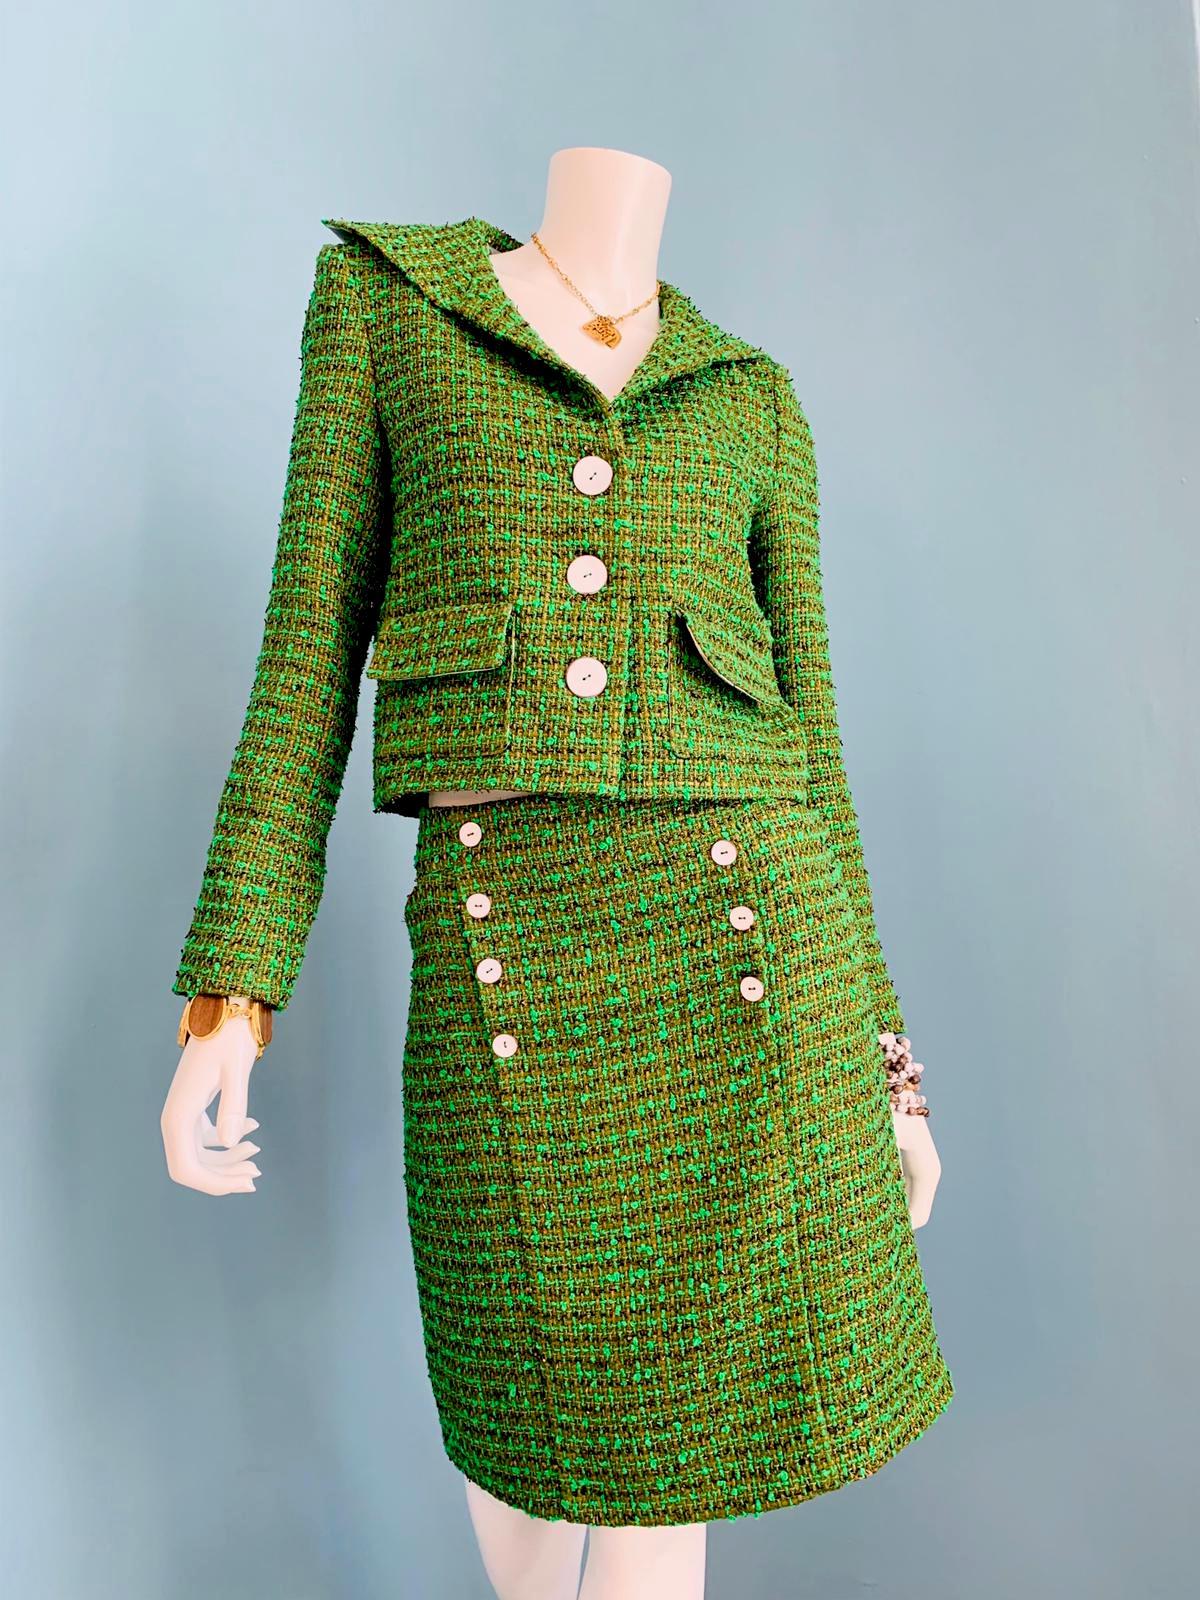 Grünes Kostüm